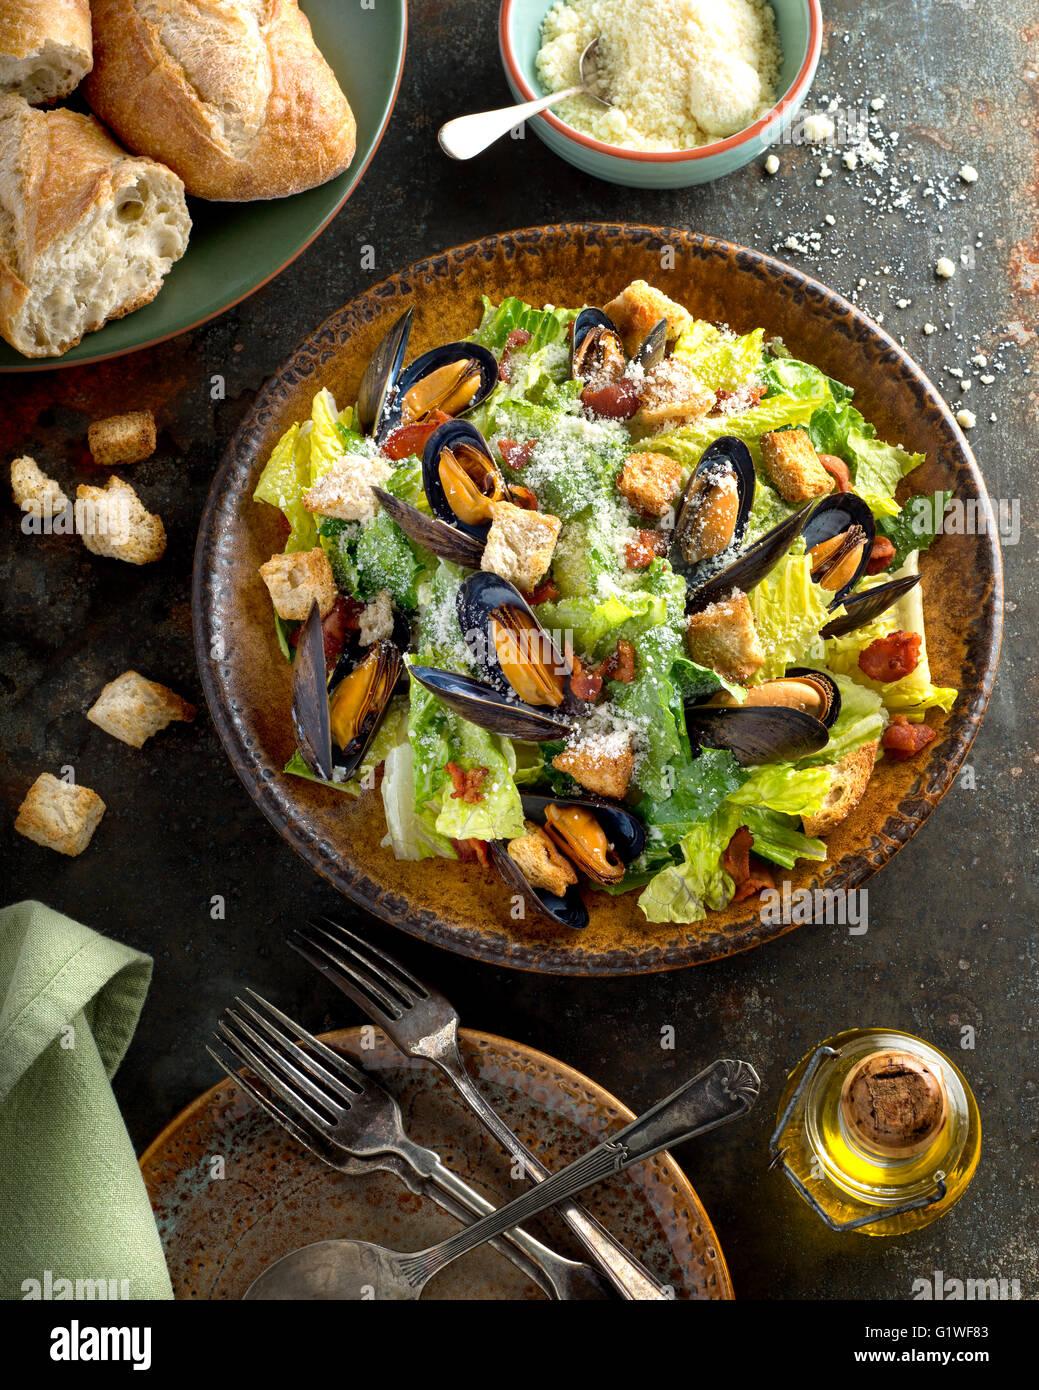 Une délicieuse salade césar avec les moules, laitue romaine, bacon, croûtons et fromage parmesan. Banque D'Images